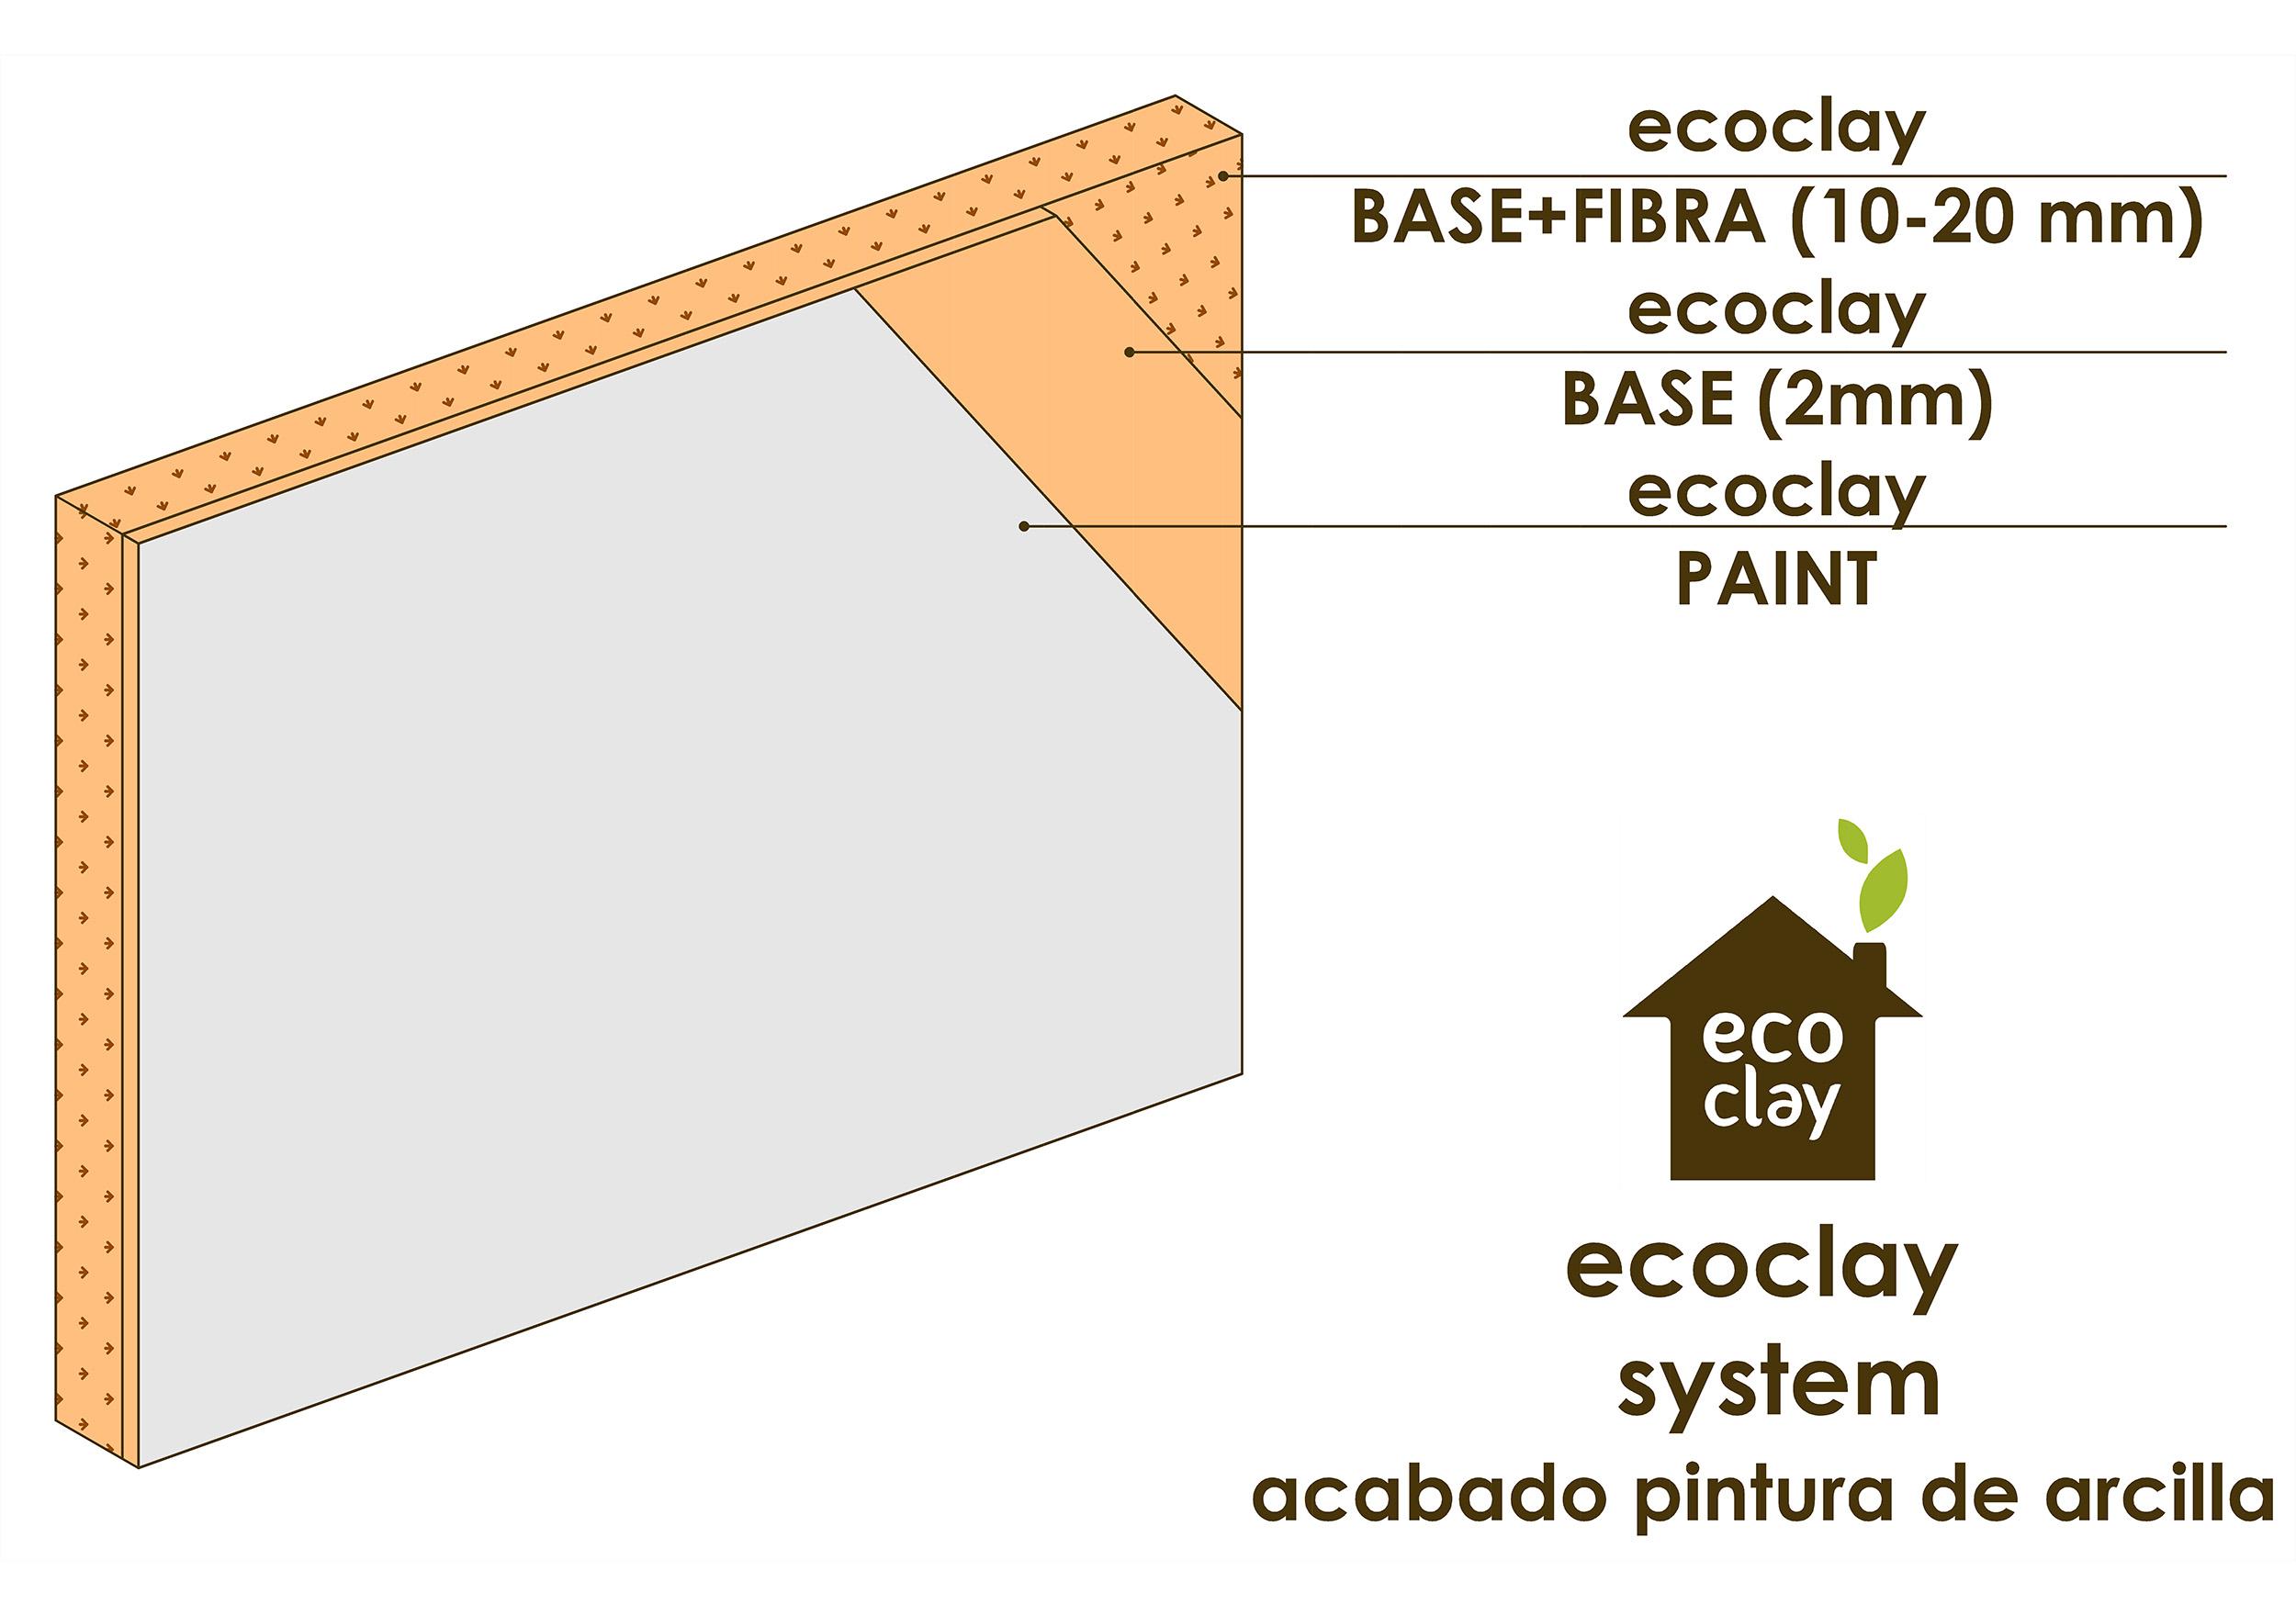 ecoclay SYSTEM, acabado pintura de arcilla, ecoclay PAINT